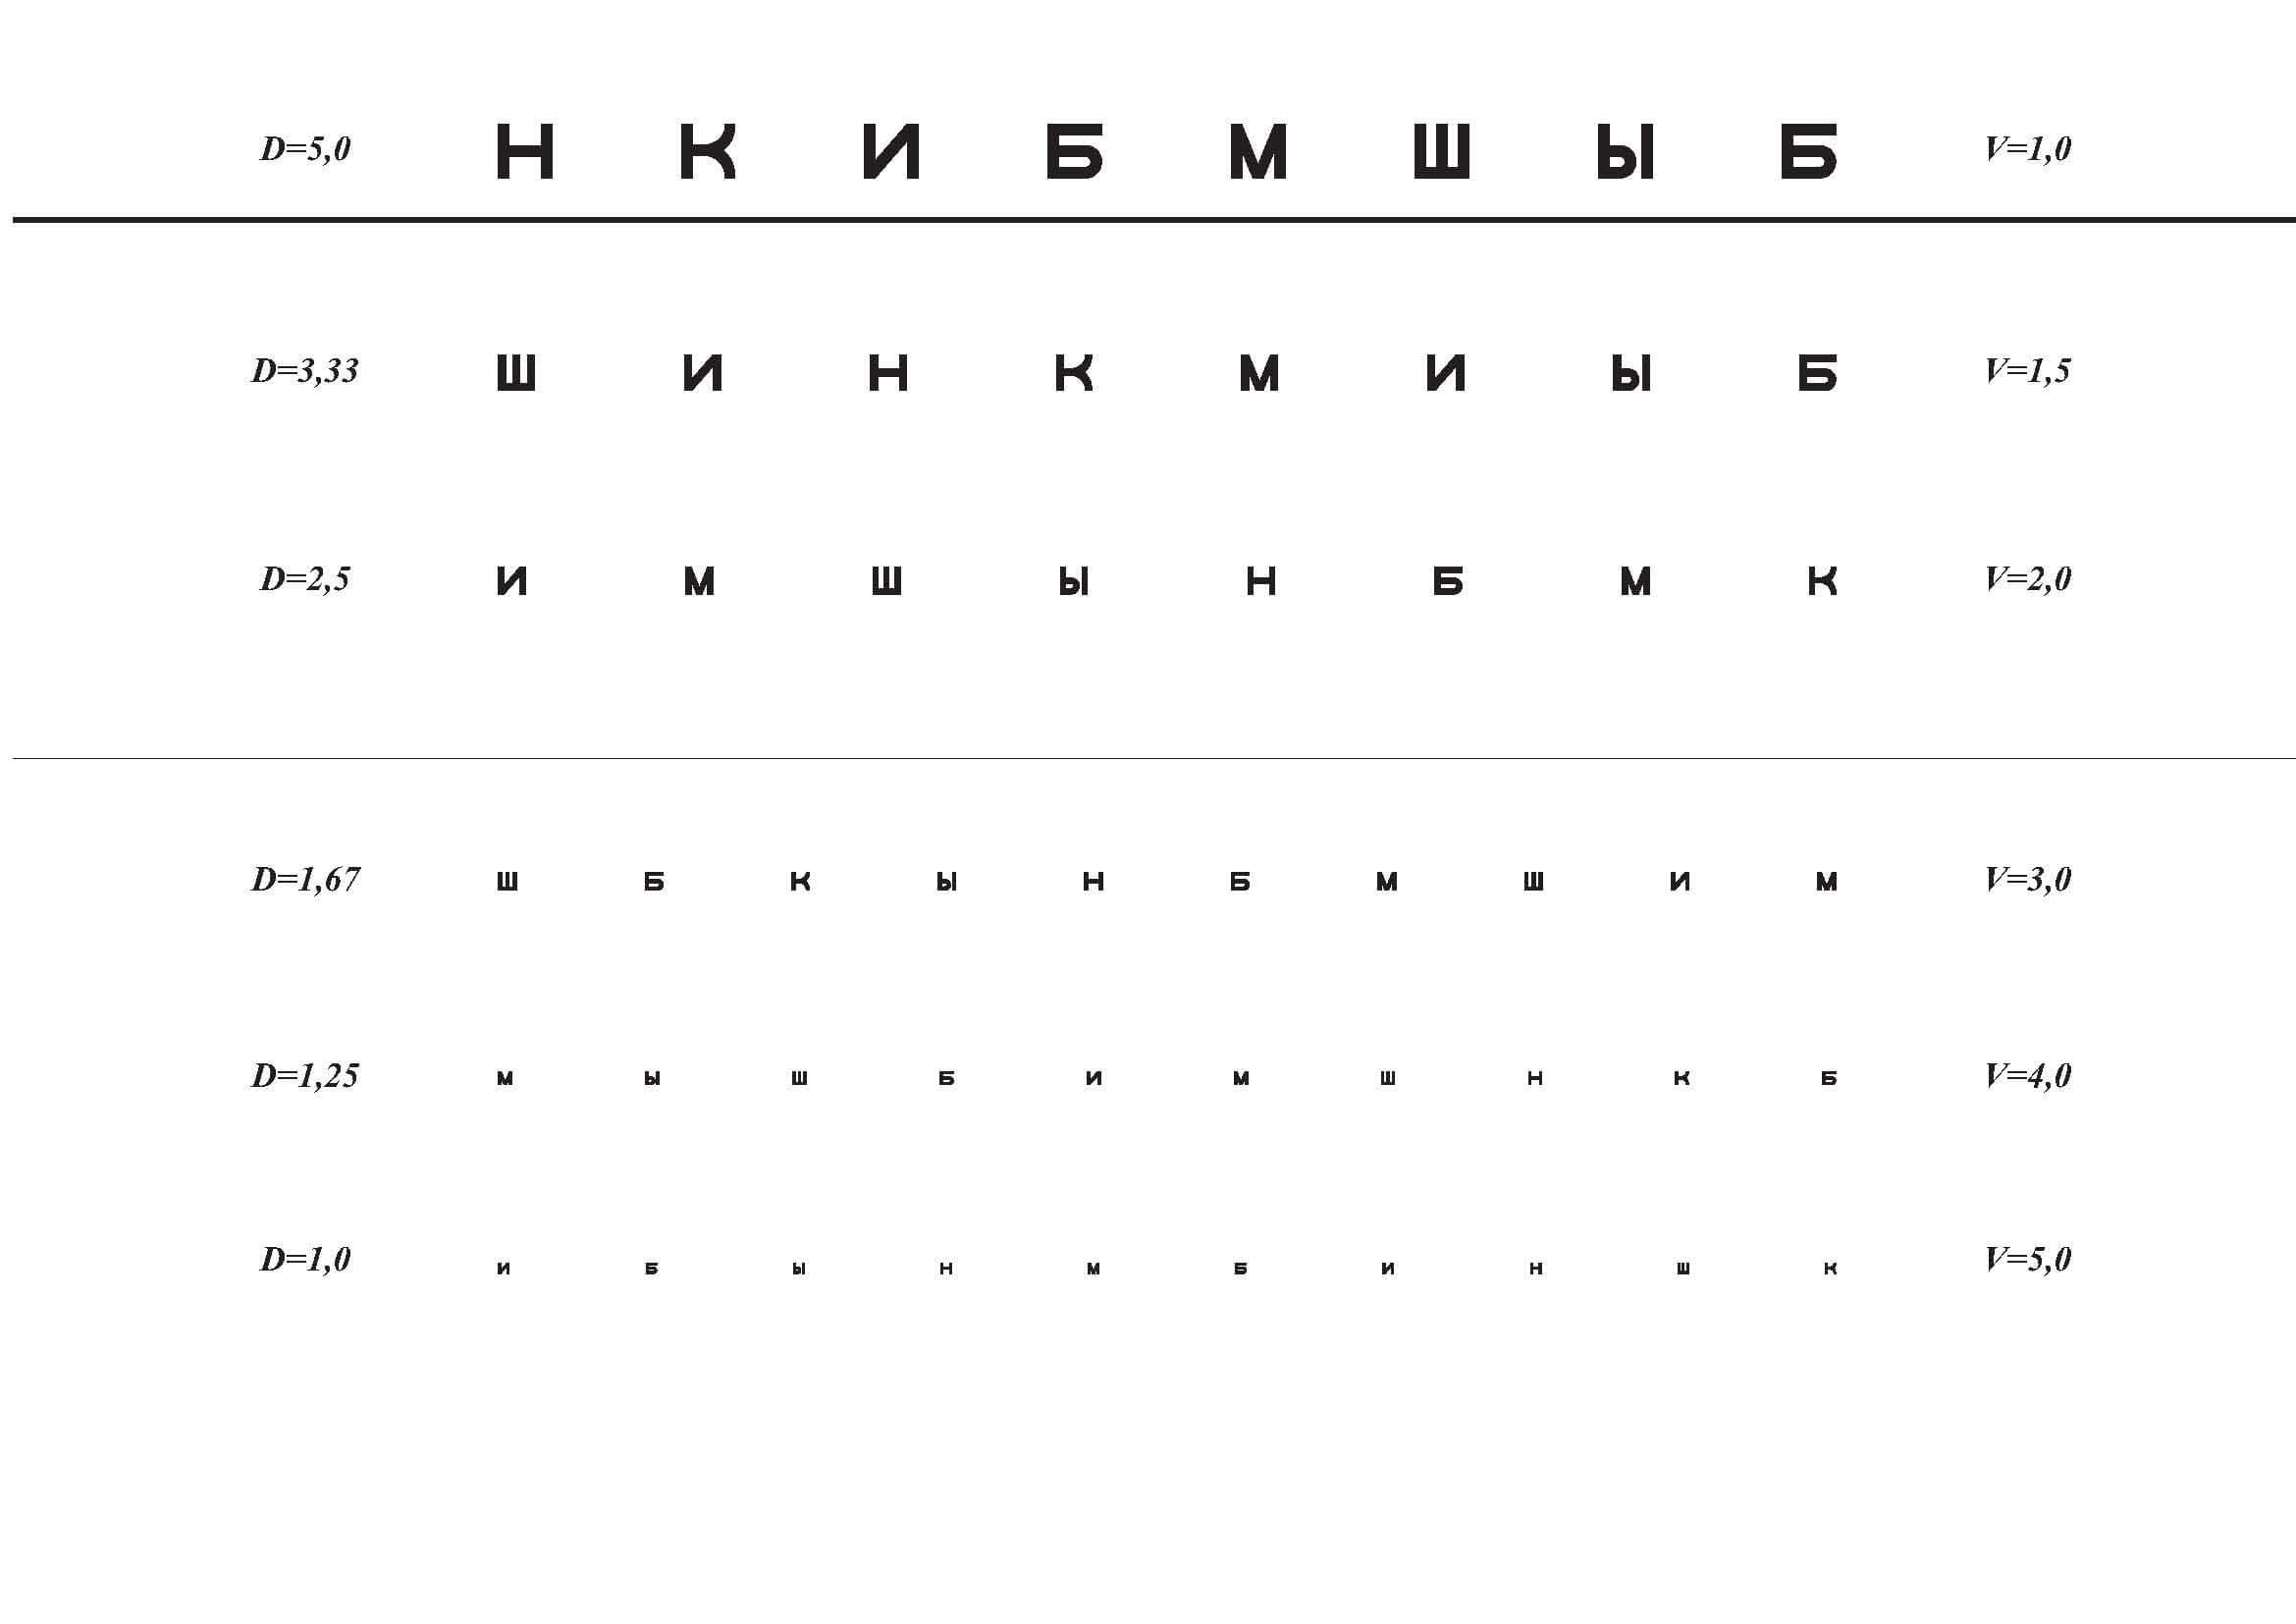 szemvizsgálati táblázat milyen formátumban